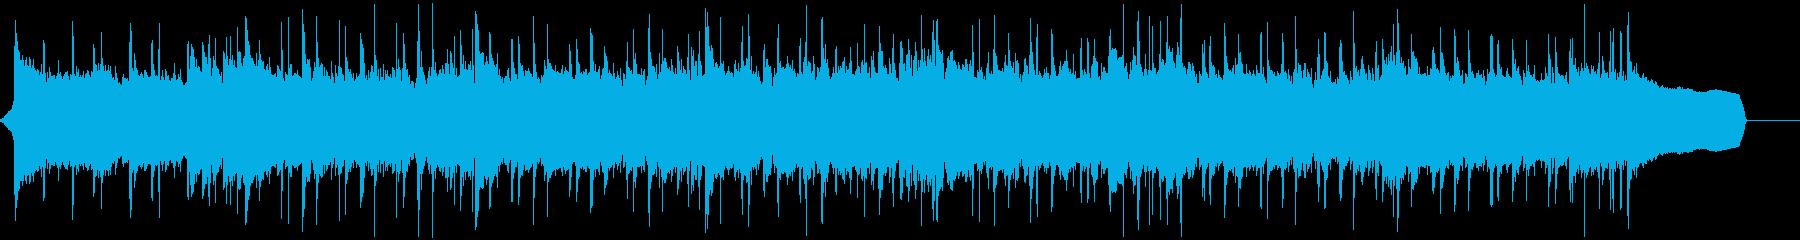 企業VP 前向き ポジティブ 60秒の再生済みの波形